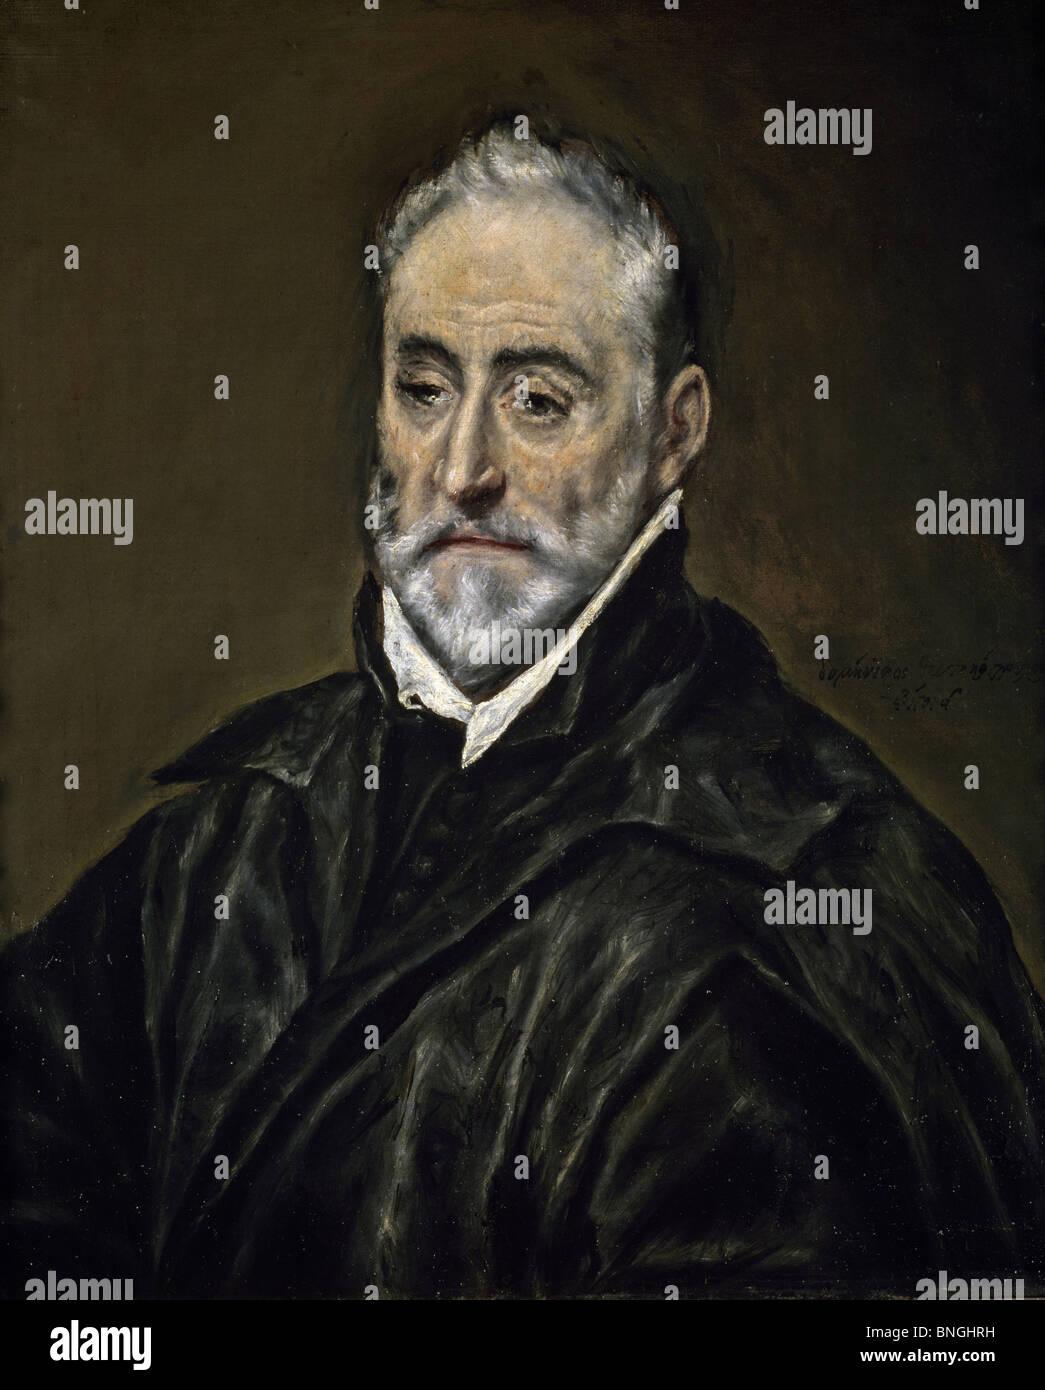 Portrait of Antonio Covarrubias by El Greco, (1541-1614), Spain, Madrid, Museo del Prado - Stock Image